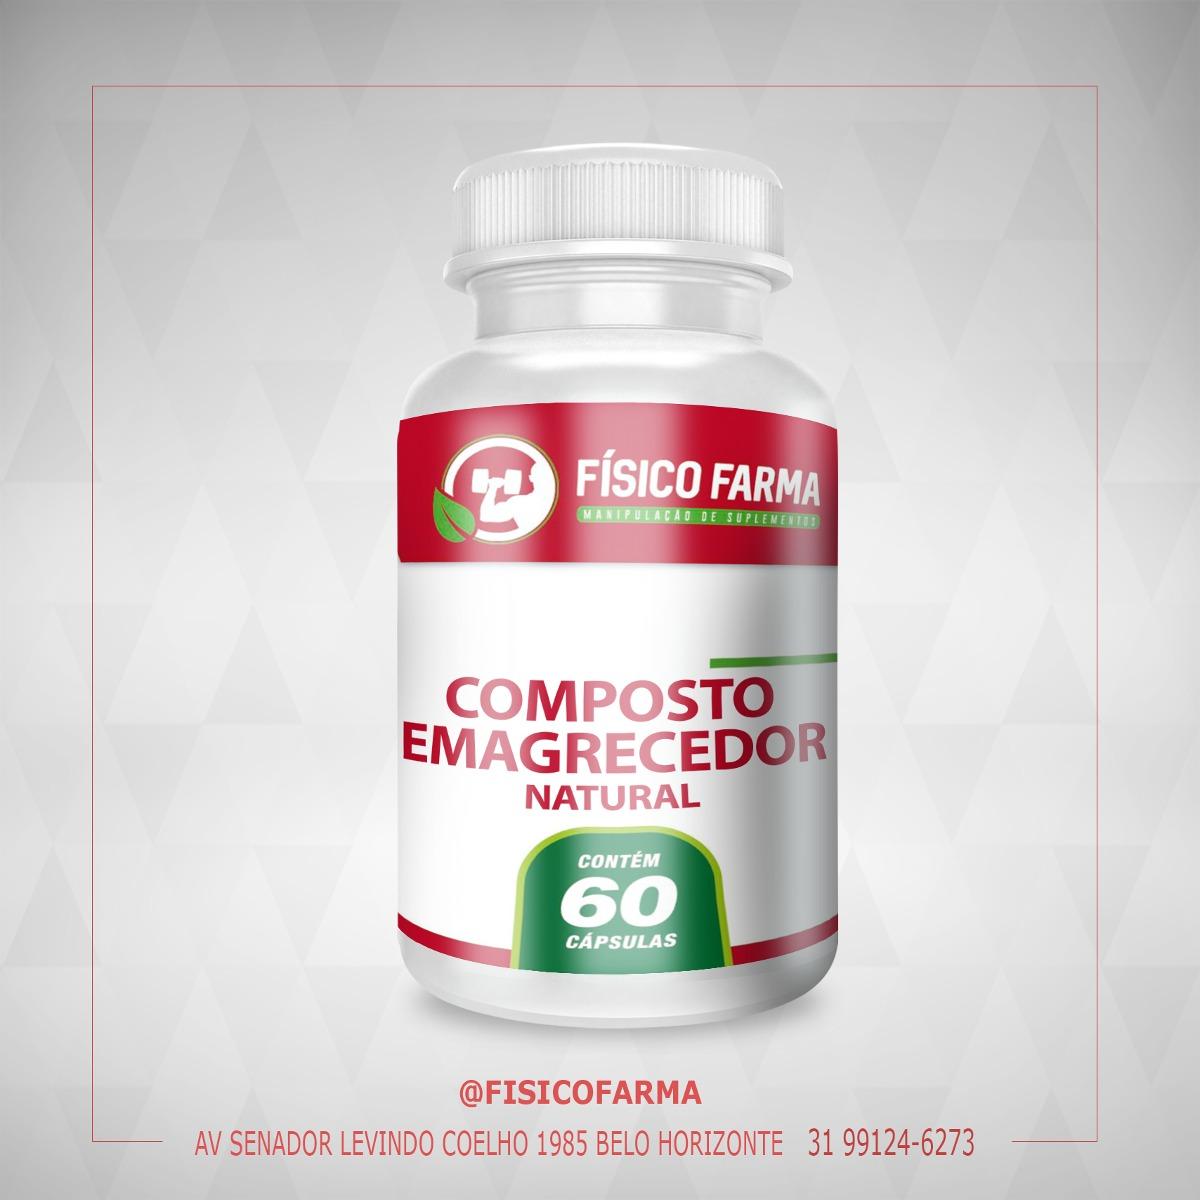 Composto Emagrecedor Natural - 60 cápsulas